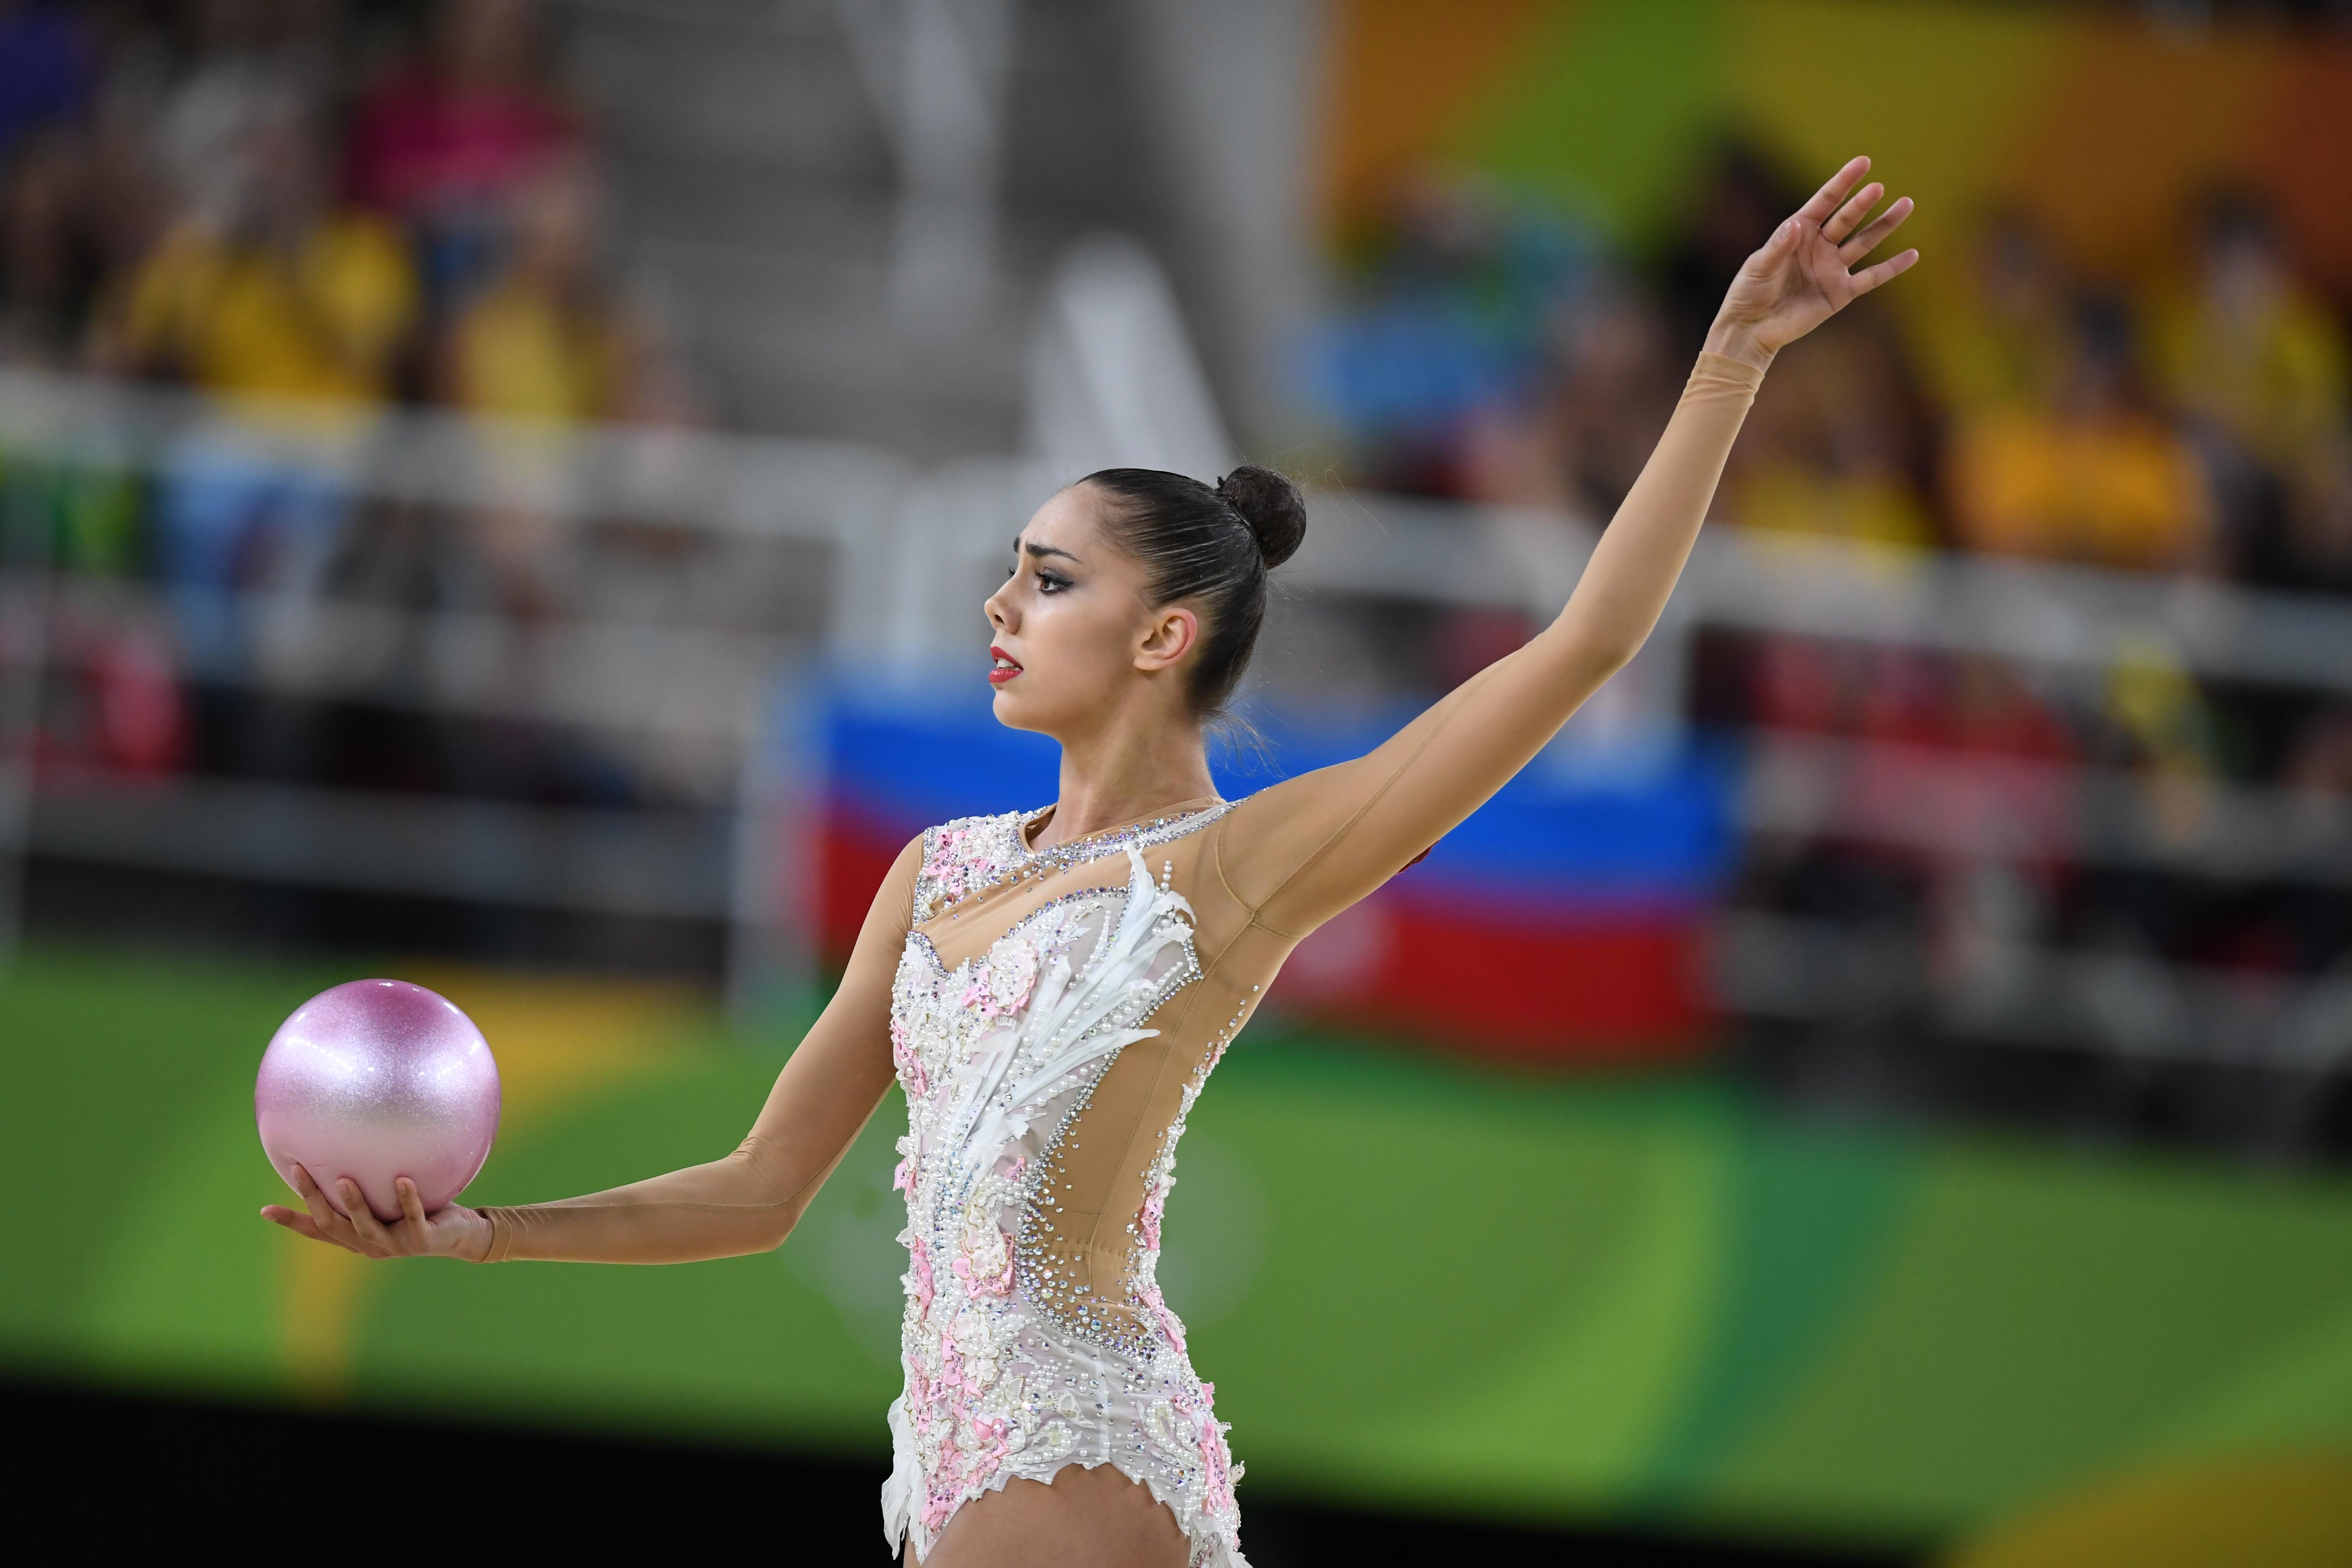 Фото картинки русский народный танец времени этот